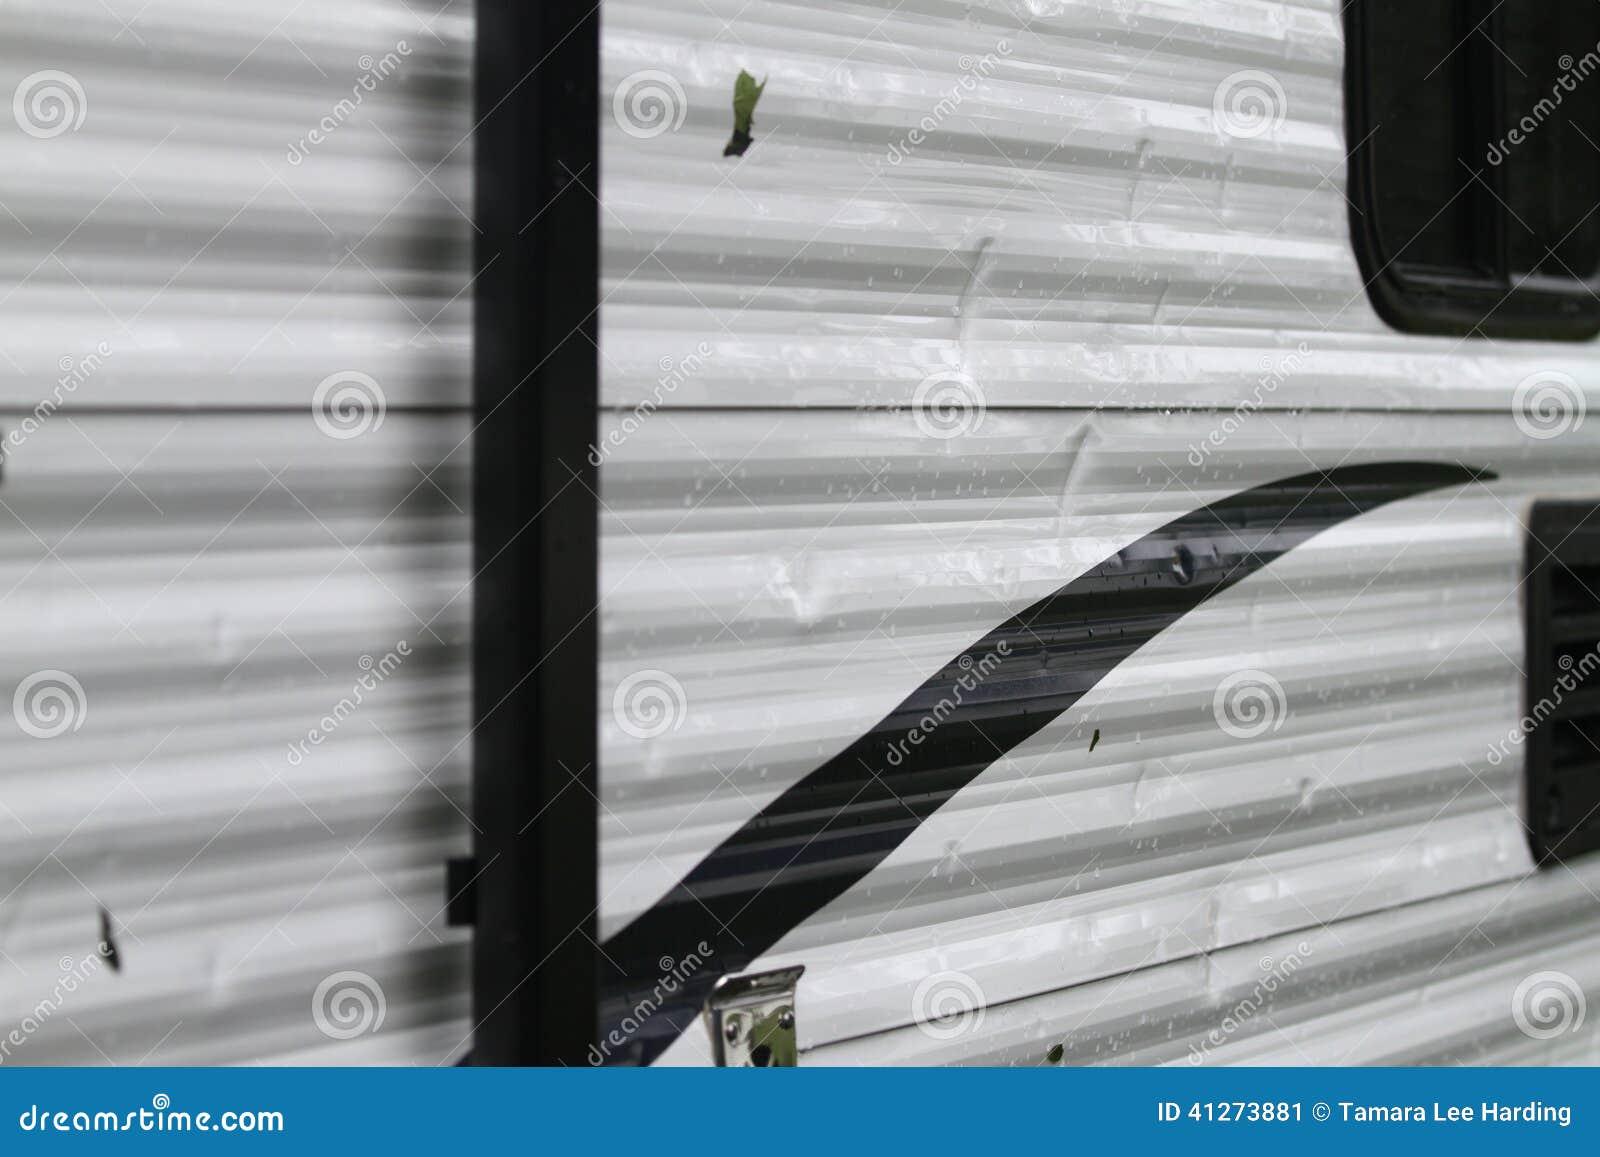 Detail van zaalschade op een recreatief voertuig